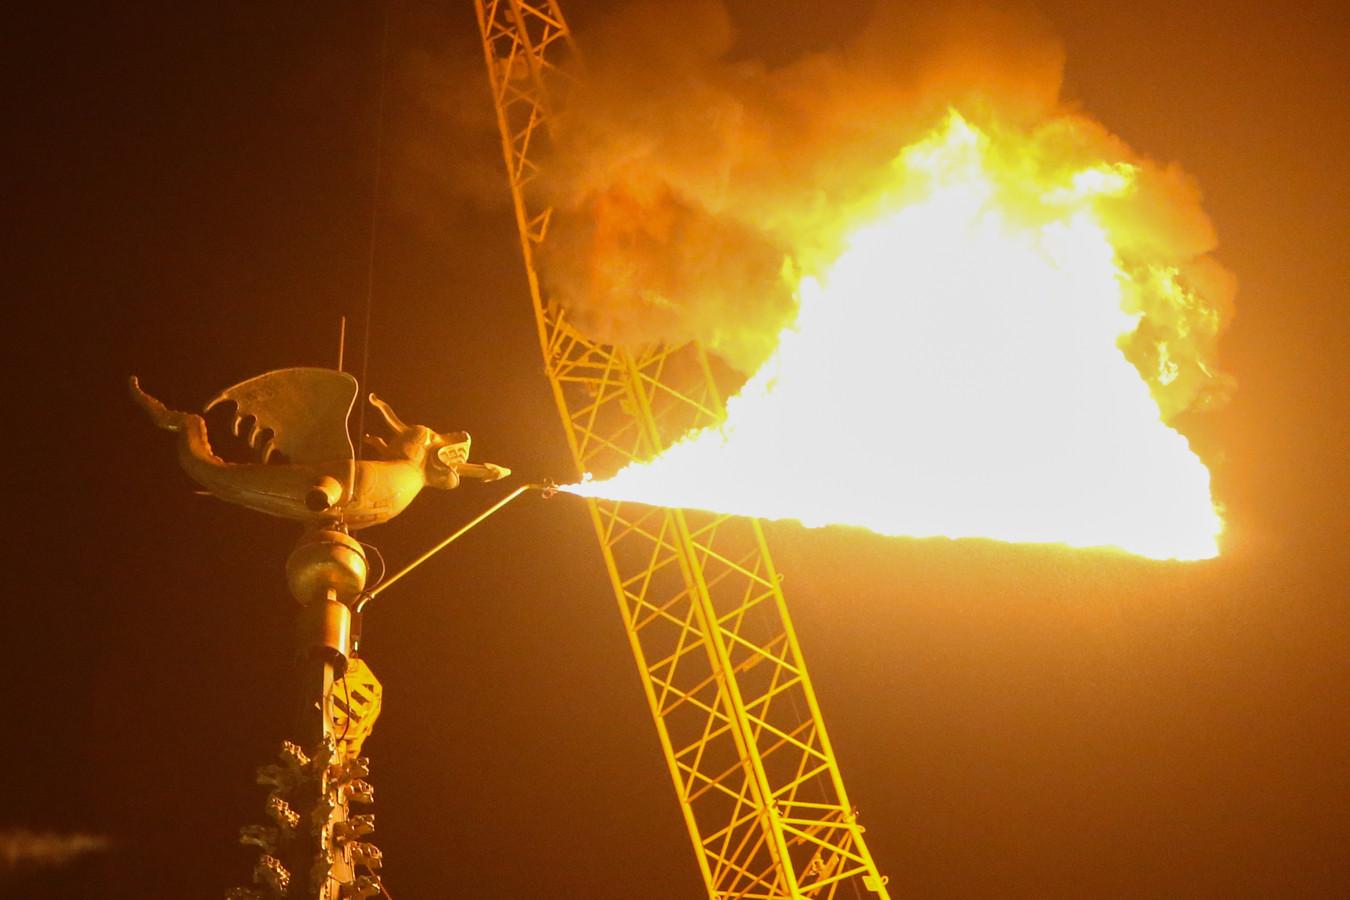 Onze vurige Belfortdraak - die tijdens de Gentse Feesten van 2018 écht vuur spuwde - wacht vol ongeduld op de draak Margrietje uit Ieper